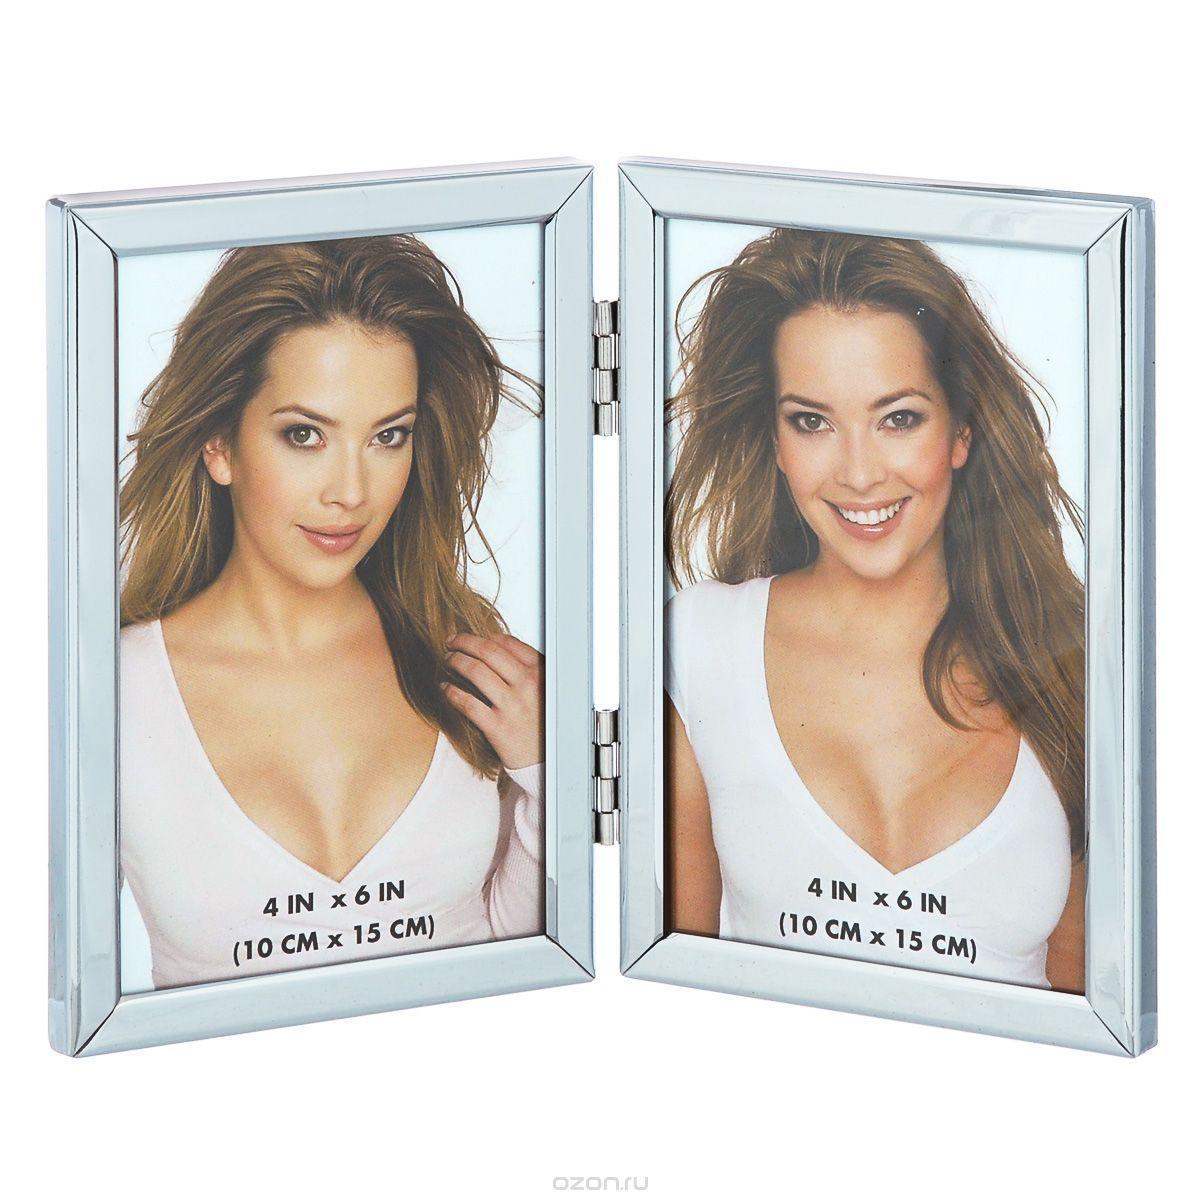 Фоторамка Image Art 6025/2-4S6025/2-4SФоторамка Image Art - прекрасный способ красиво оформить ваши фотографии. Изделие рассчитано на 2 фотографии. Фоторамка выполнена из металла и защищена стеклом. Фоторамку можно поставить на стол или подвесить на стену, для чего с задней стороны предусмотрены специальные отверстия. Такая фоторамка поможет сохранить на память самые яркие моменты вашей жизни, а стильный дизайн сделает ее прекрасным дополнением интерьера.